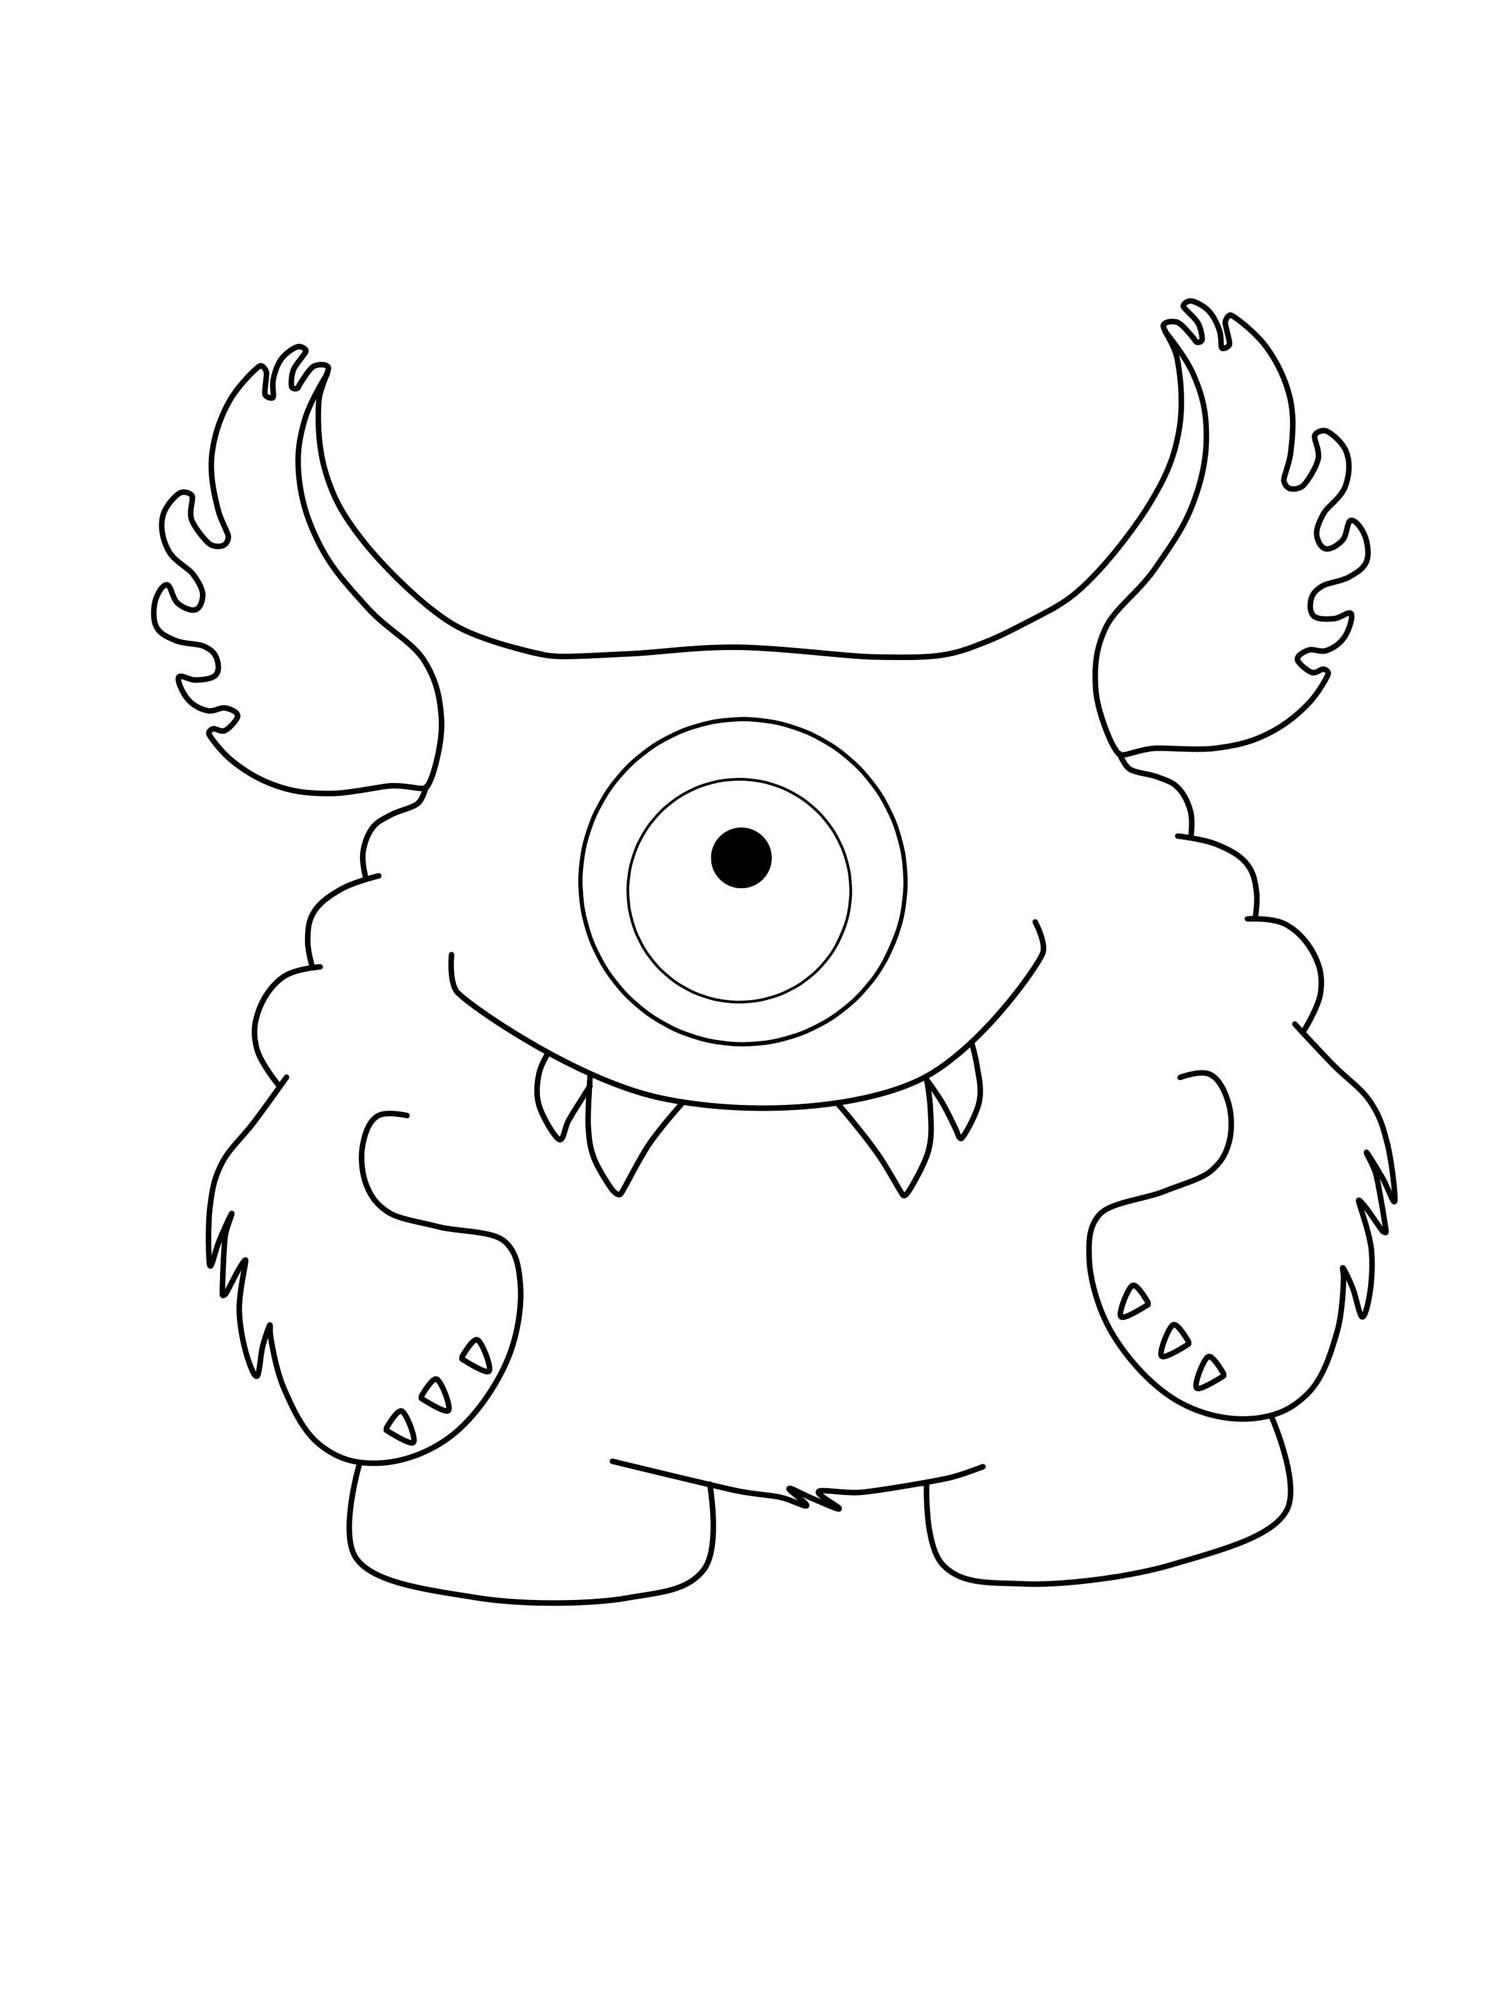 Ausmalbild Halloween Einäugiges Monster mit großen Ohrern